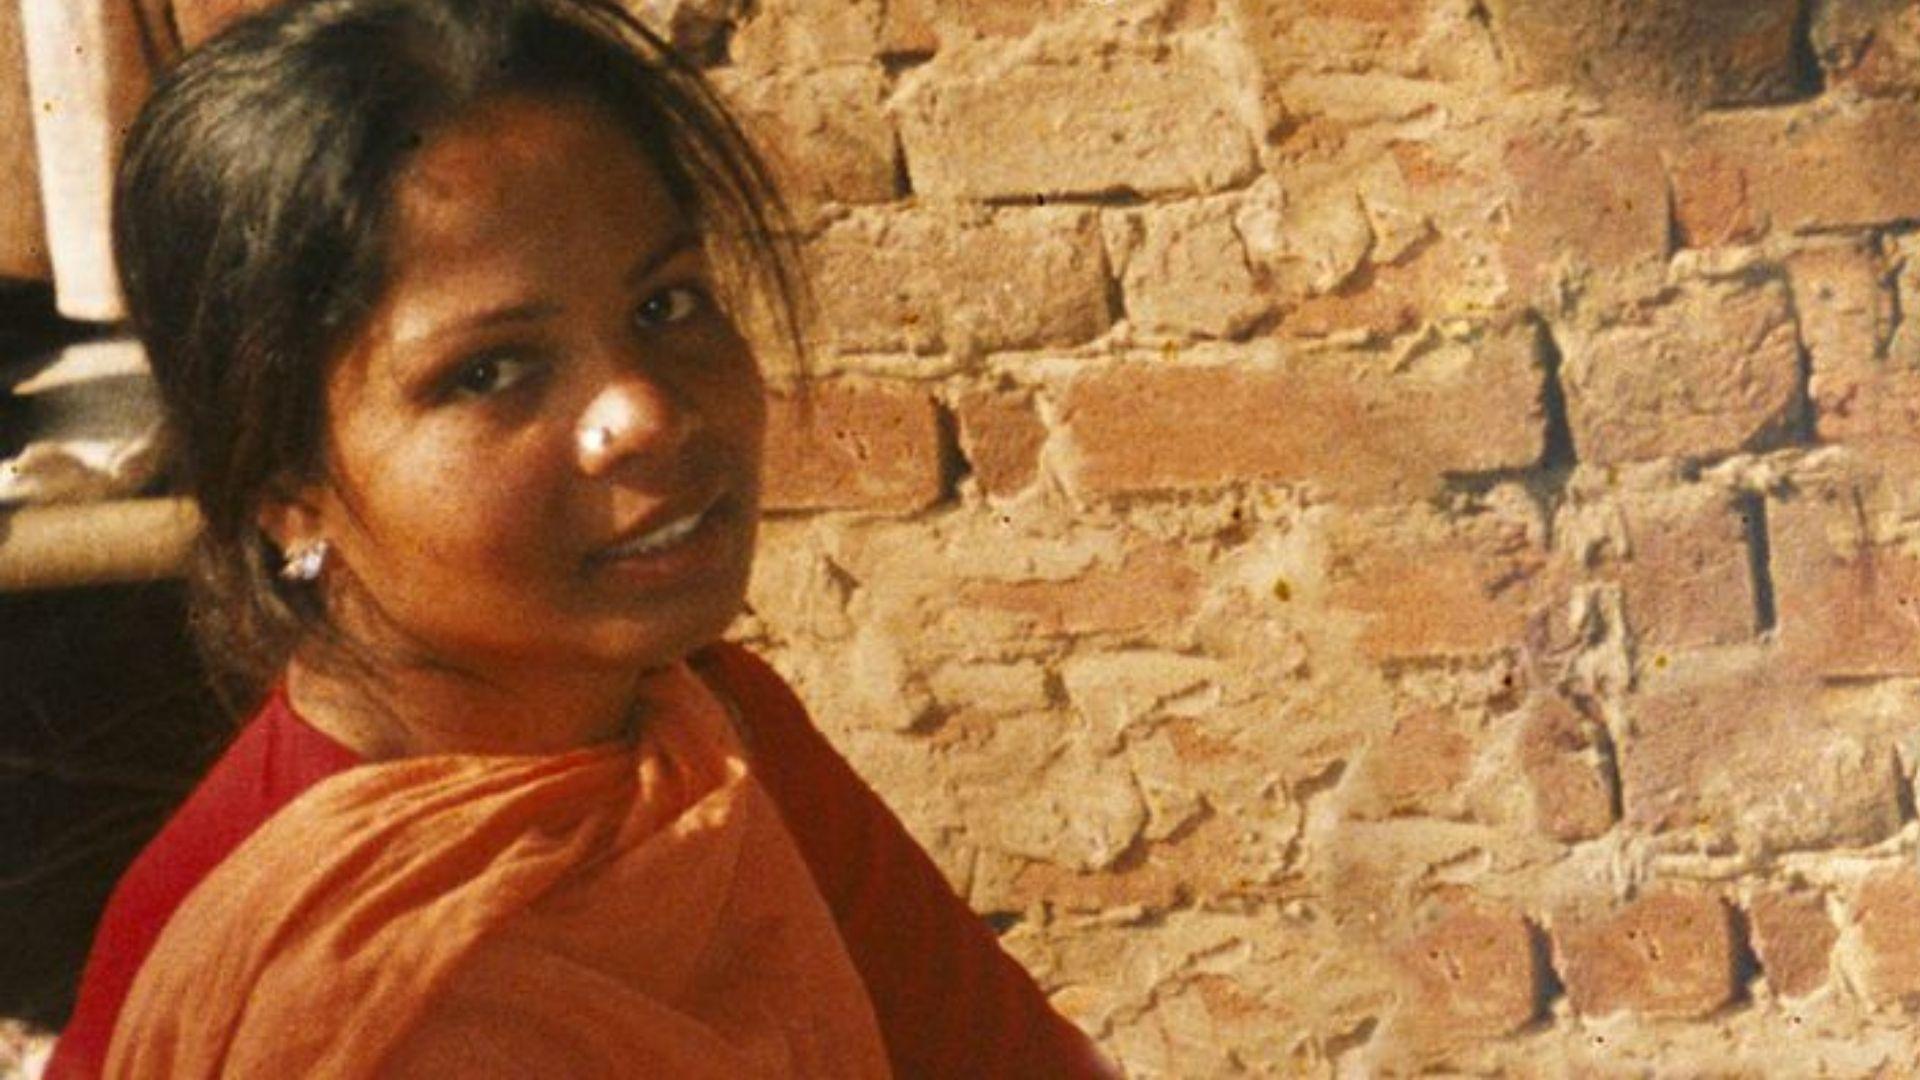 Países que perseguem a Igreja: no Paquistão, muitos cristãos são presos por blasfêmia